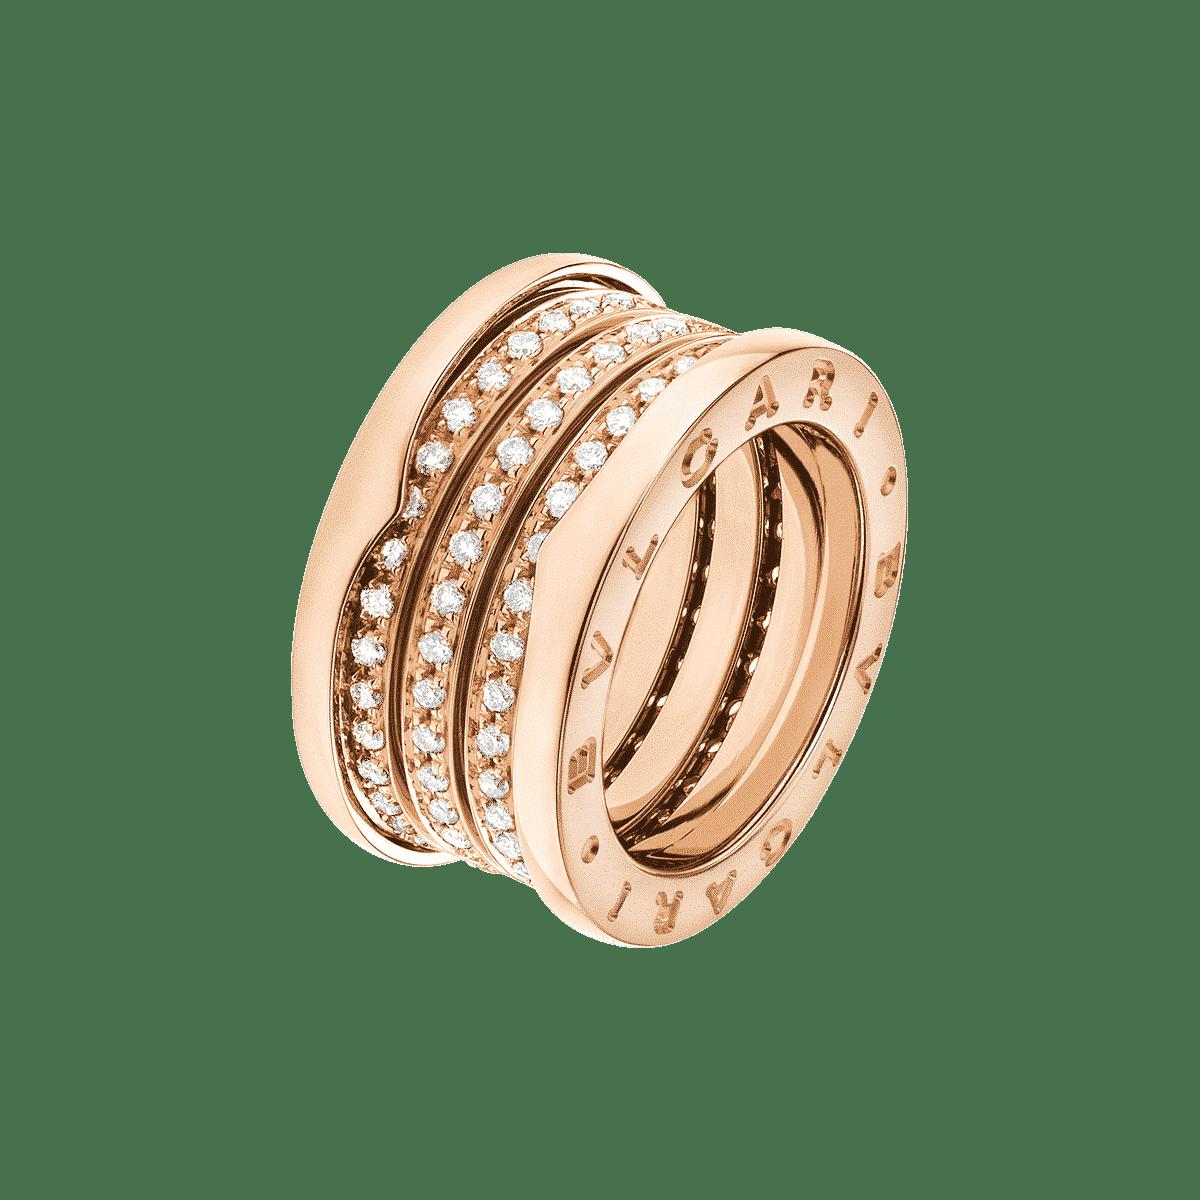 90ab9241426 Bulgari B.Zero1 Ring - Lionel Meylan Vevey